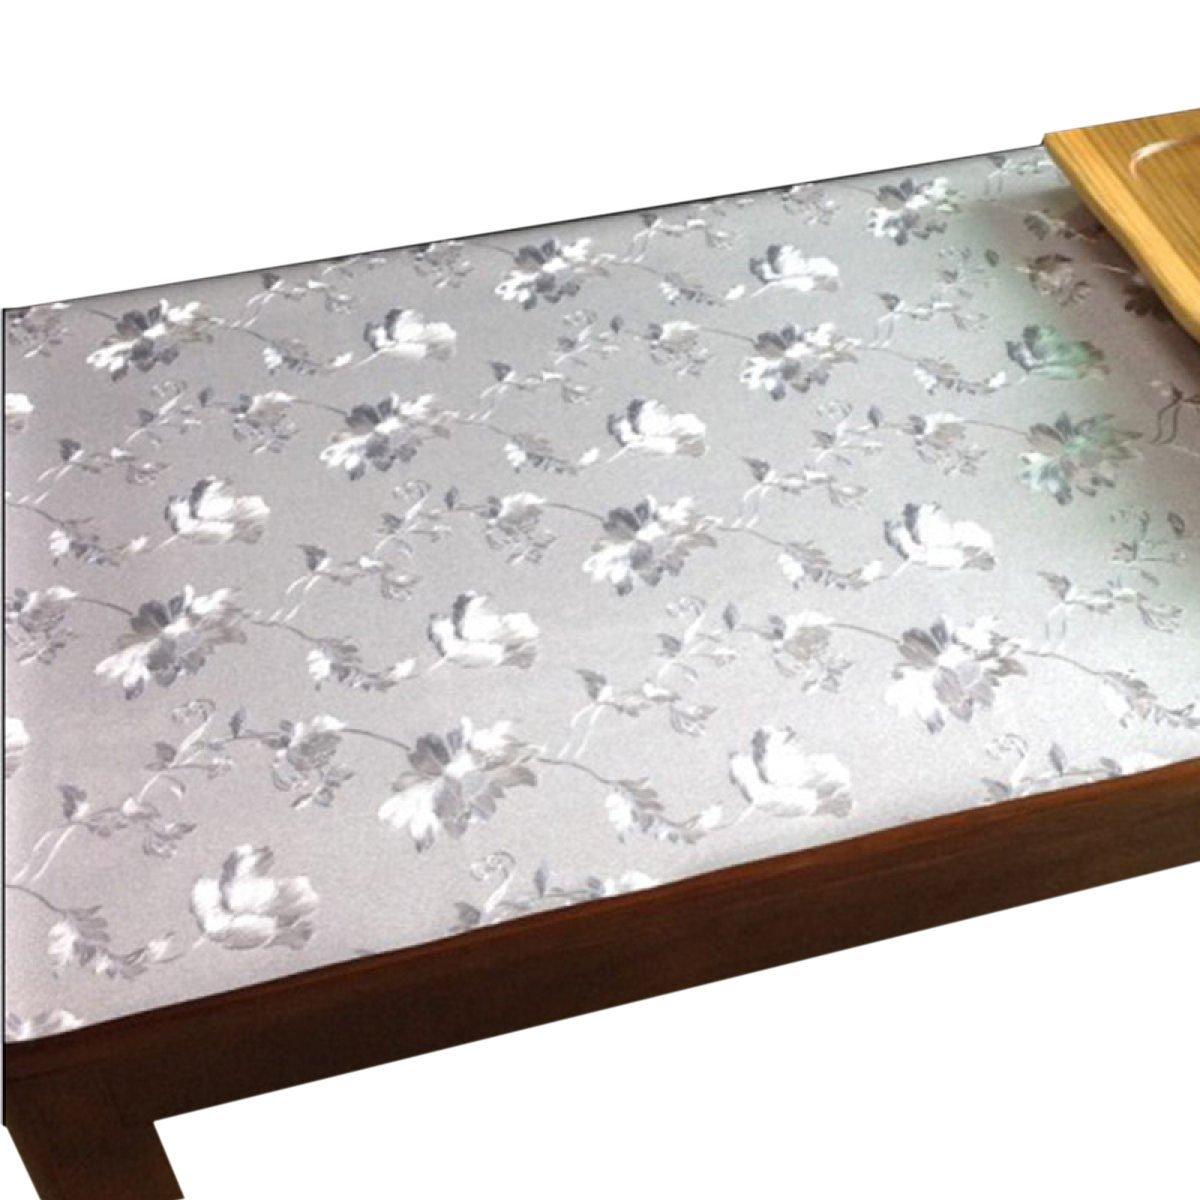 Dfb Folder Fiori Tovaglie In Vetro Morbido colore PVC Tavolo In Cristallo Piastre Da Tavolo Vetro Soffice In Vetro Di Plastica,F